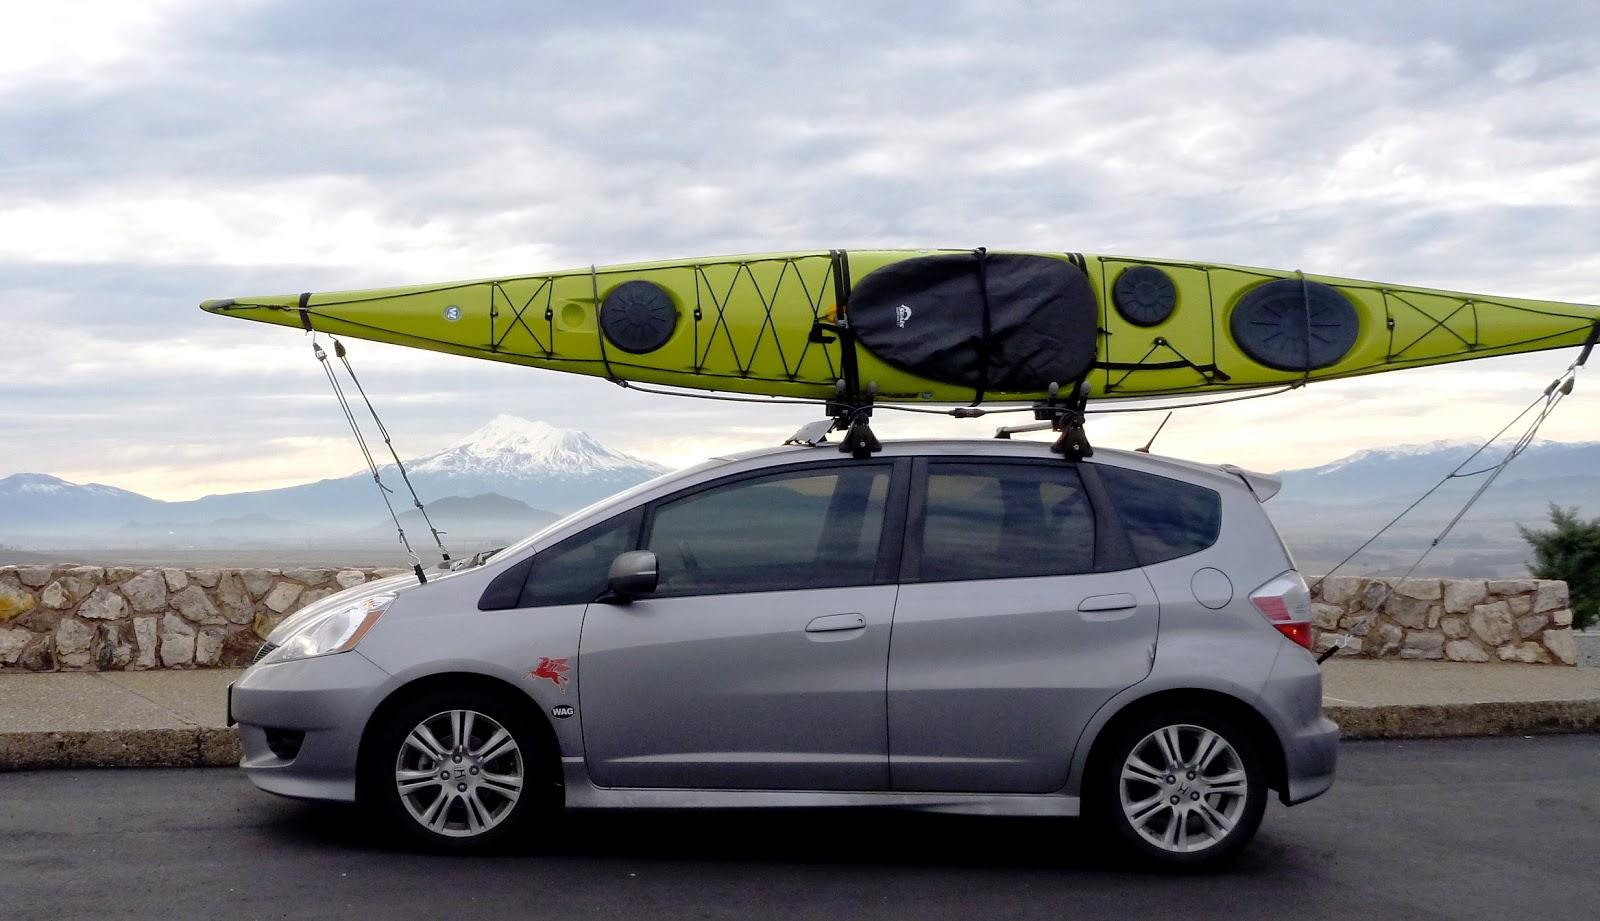 Norcal Yak Spring Kayak Tip 3 Tie Me Up Tie Me Down